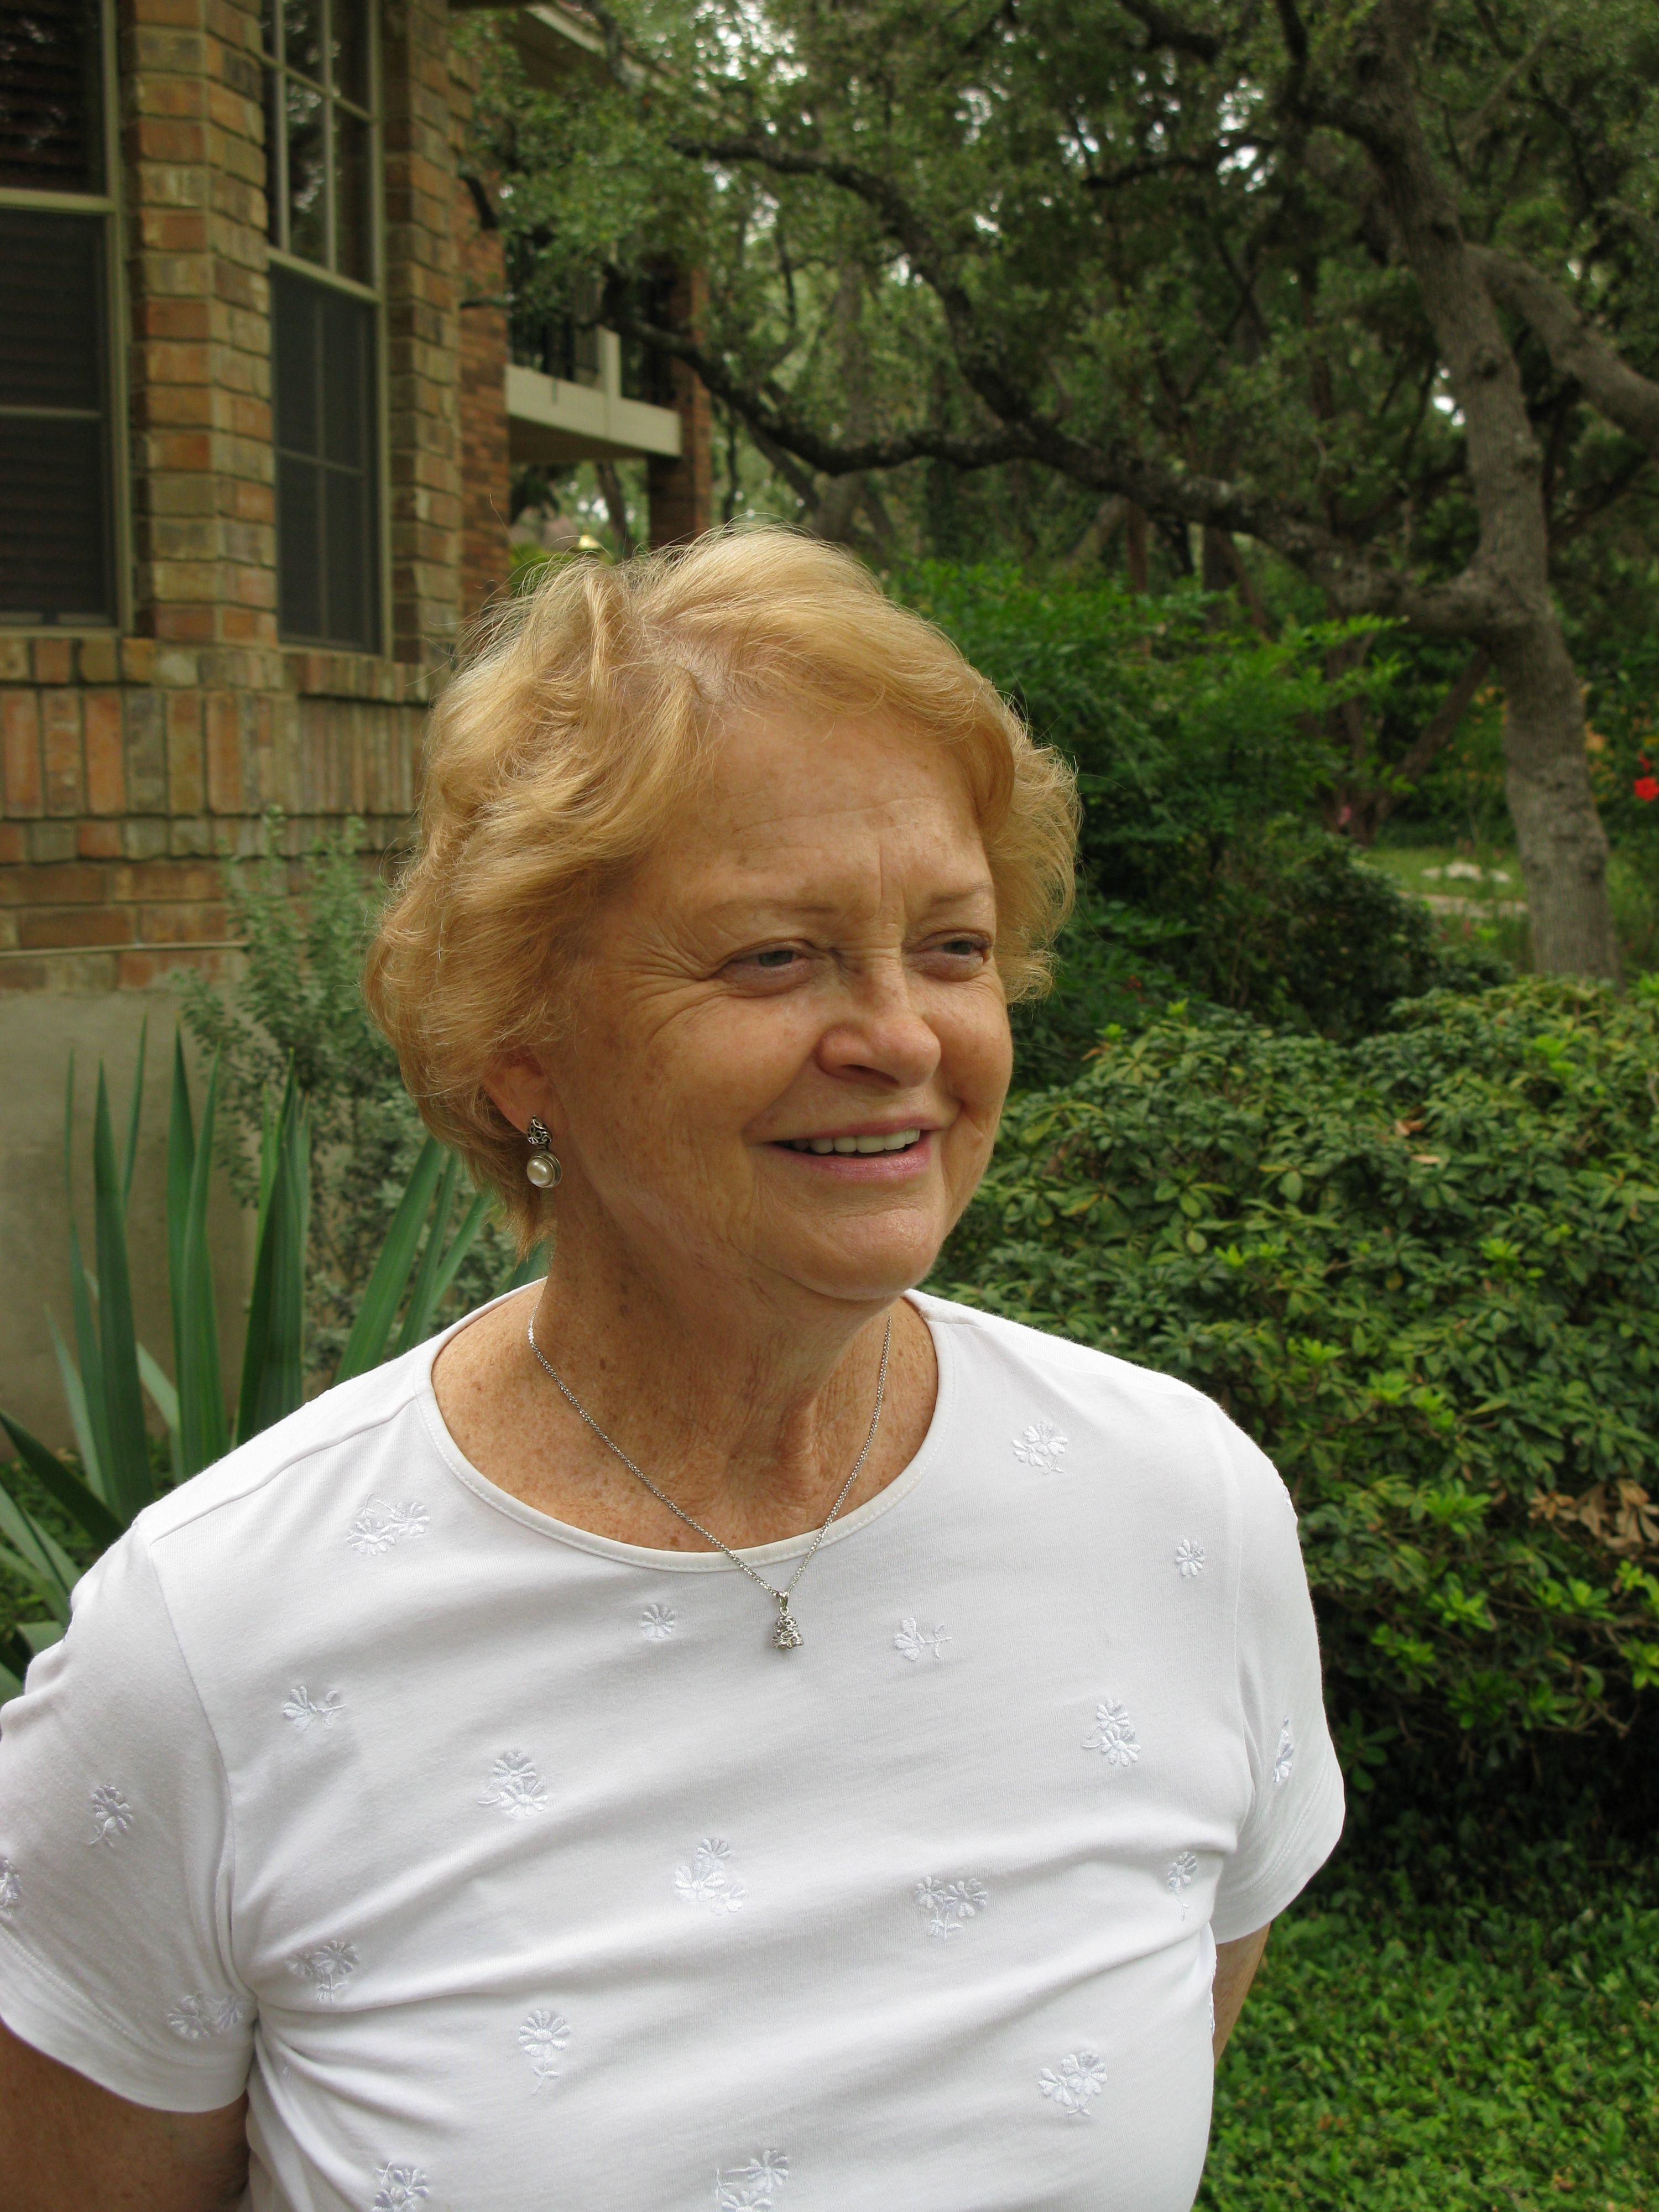 Craigslist Palm Springs Women Seeking Men, Backpage Women ...